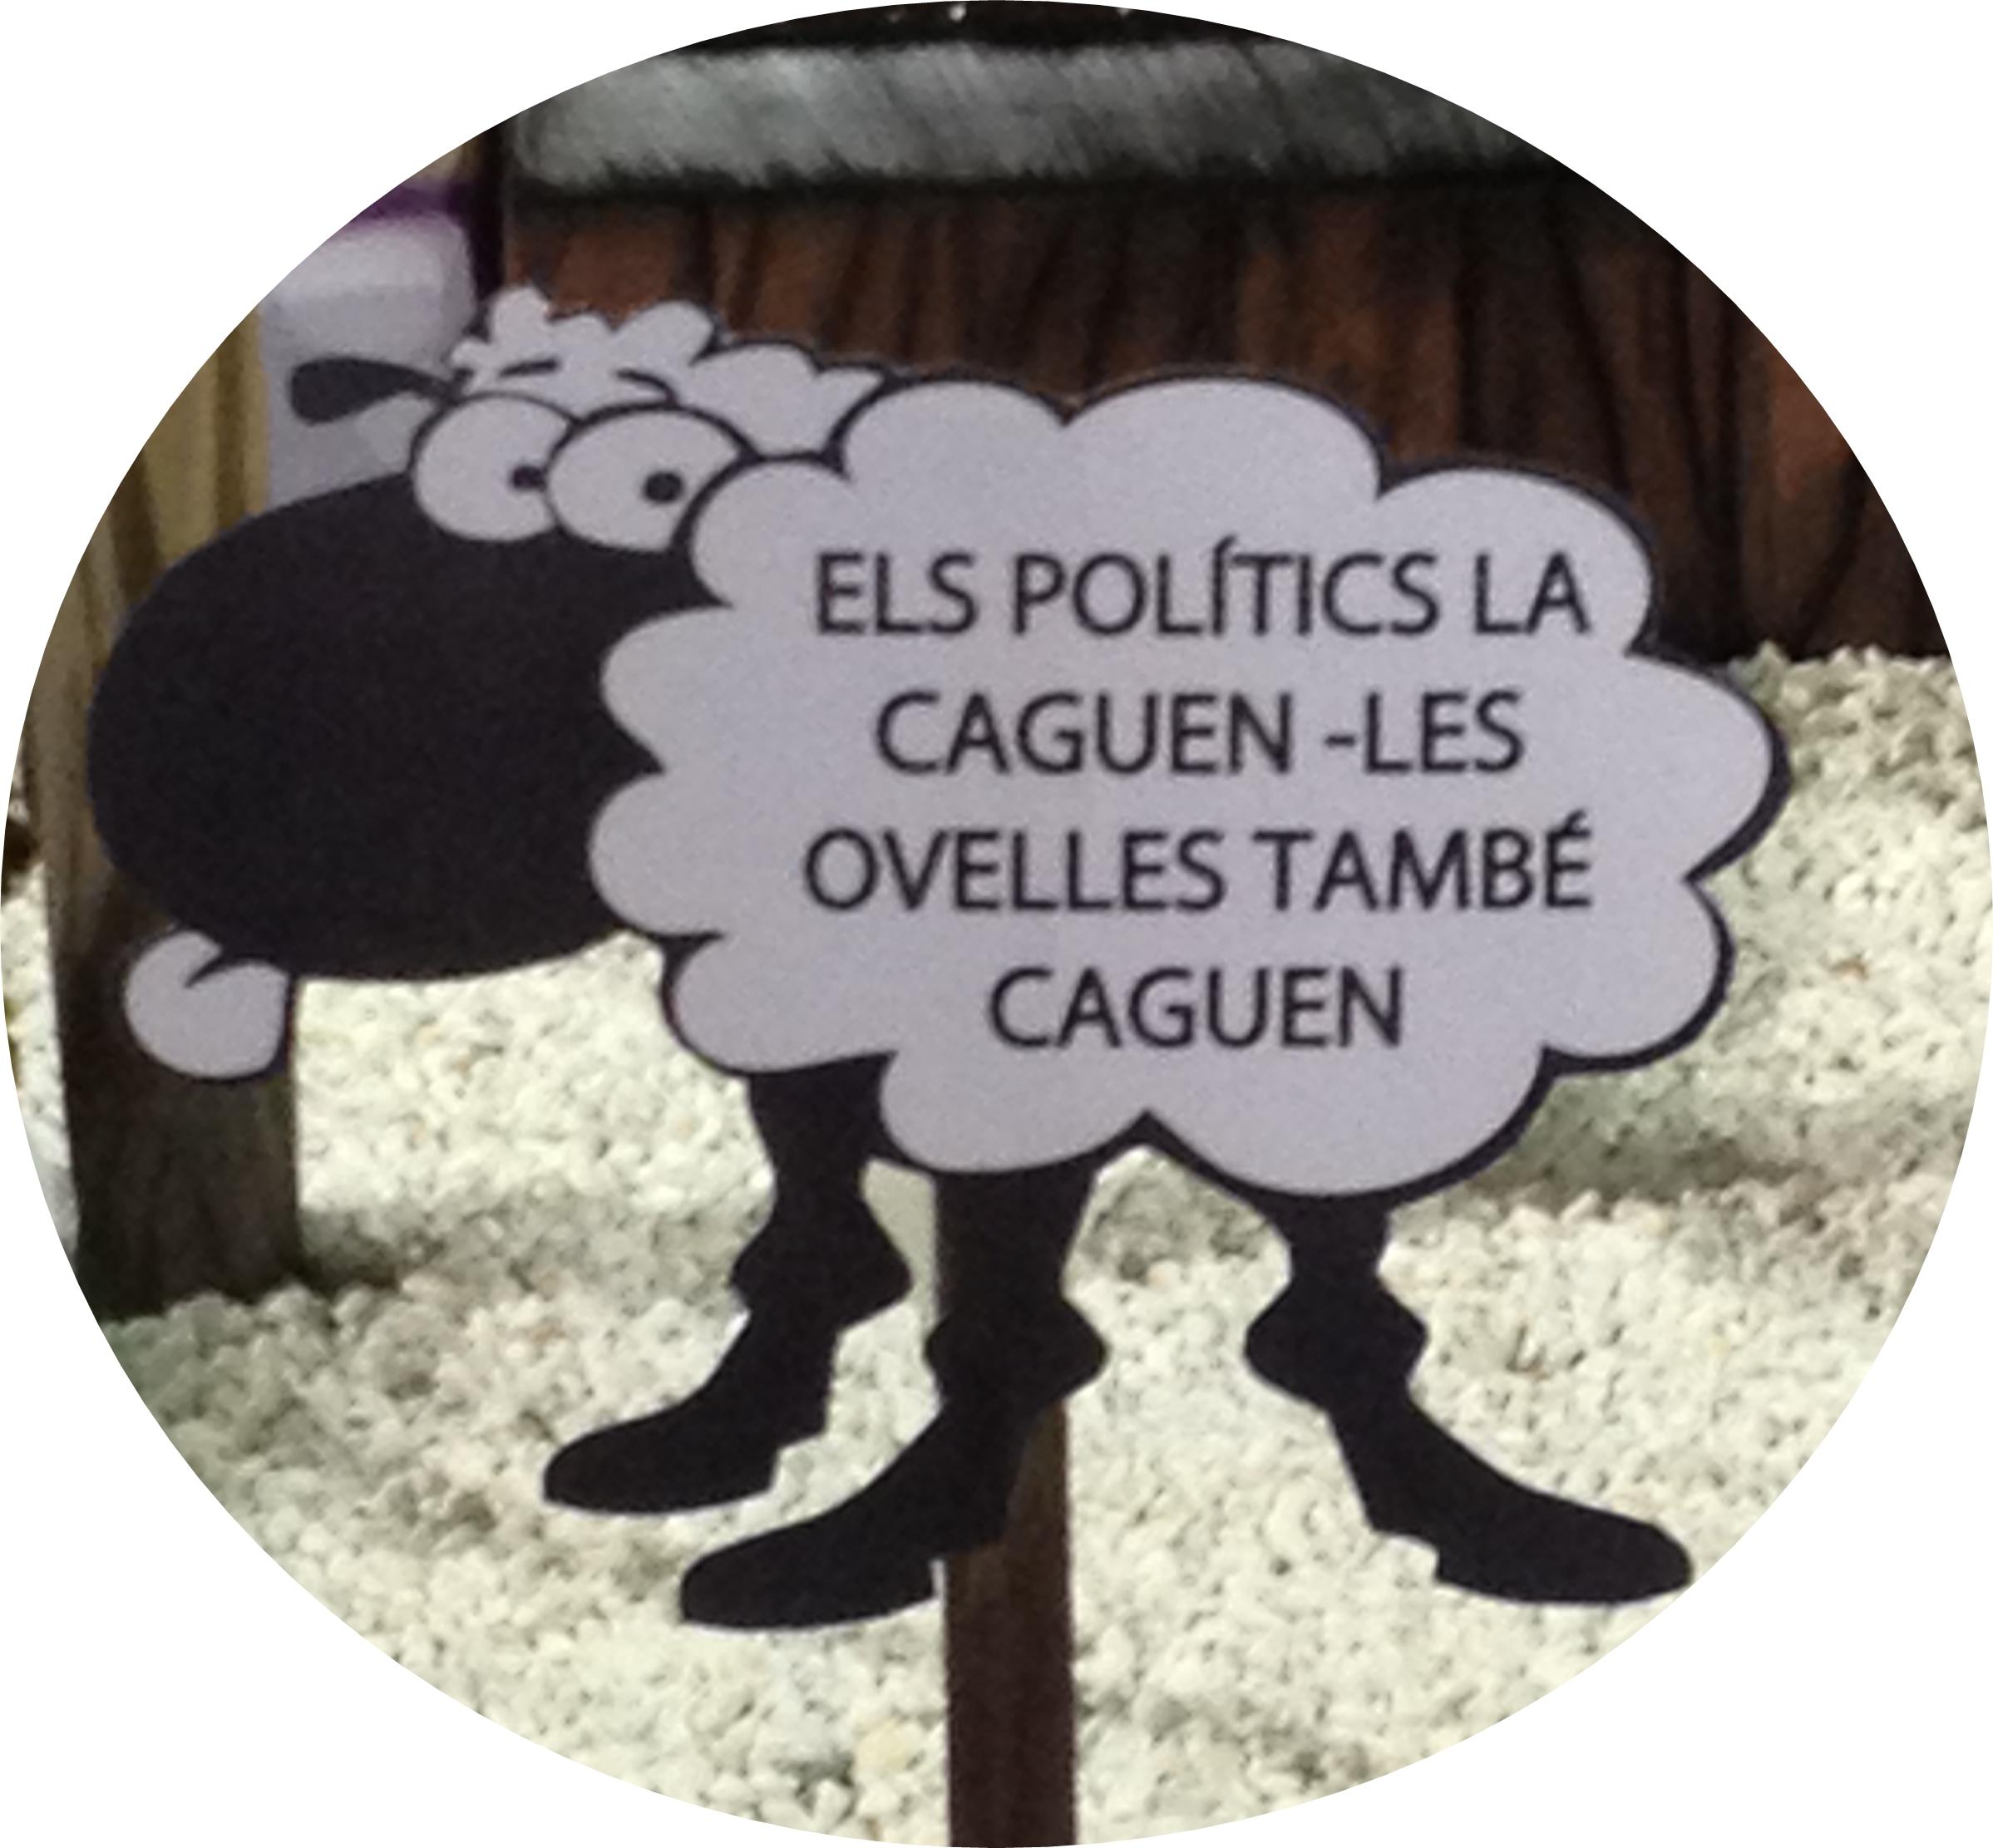 FALLAS 2013. Critica fallera a la clase politica.